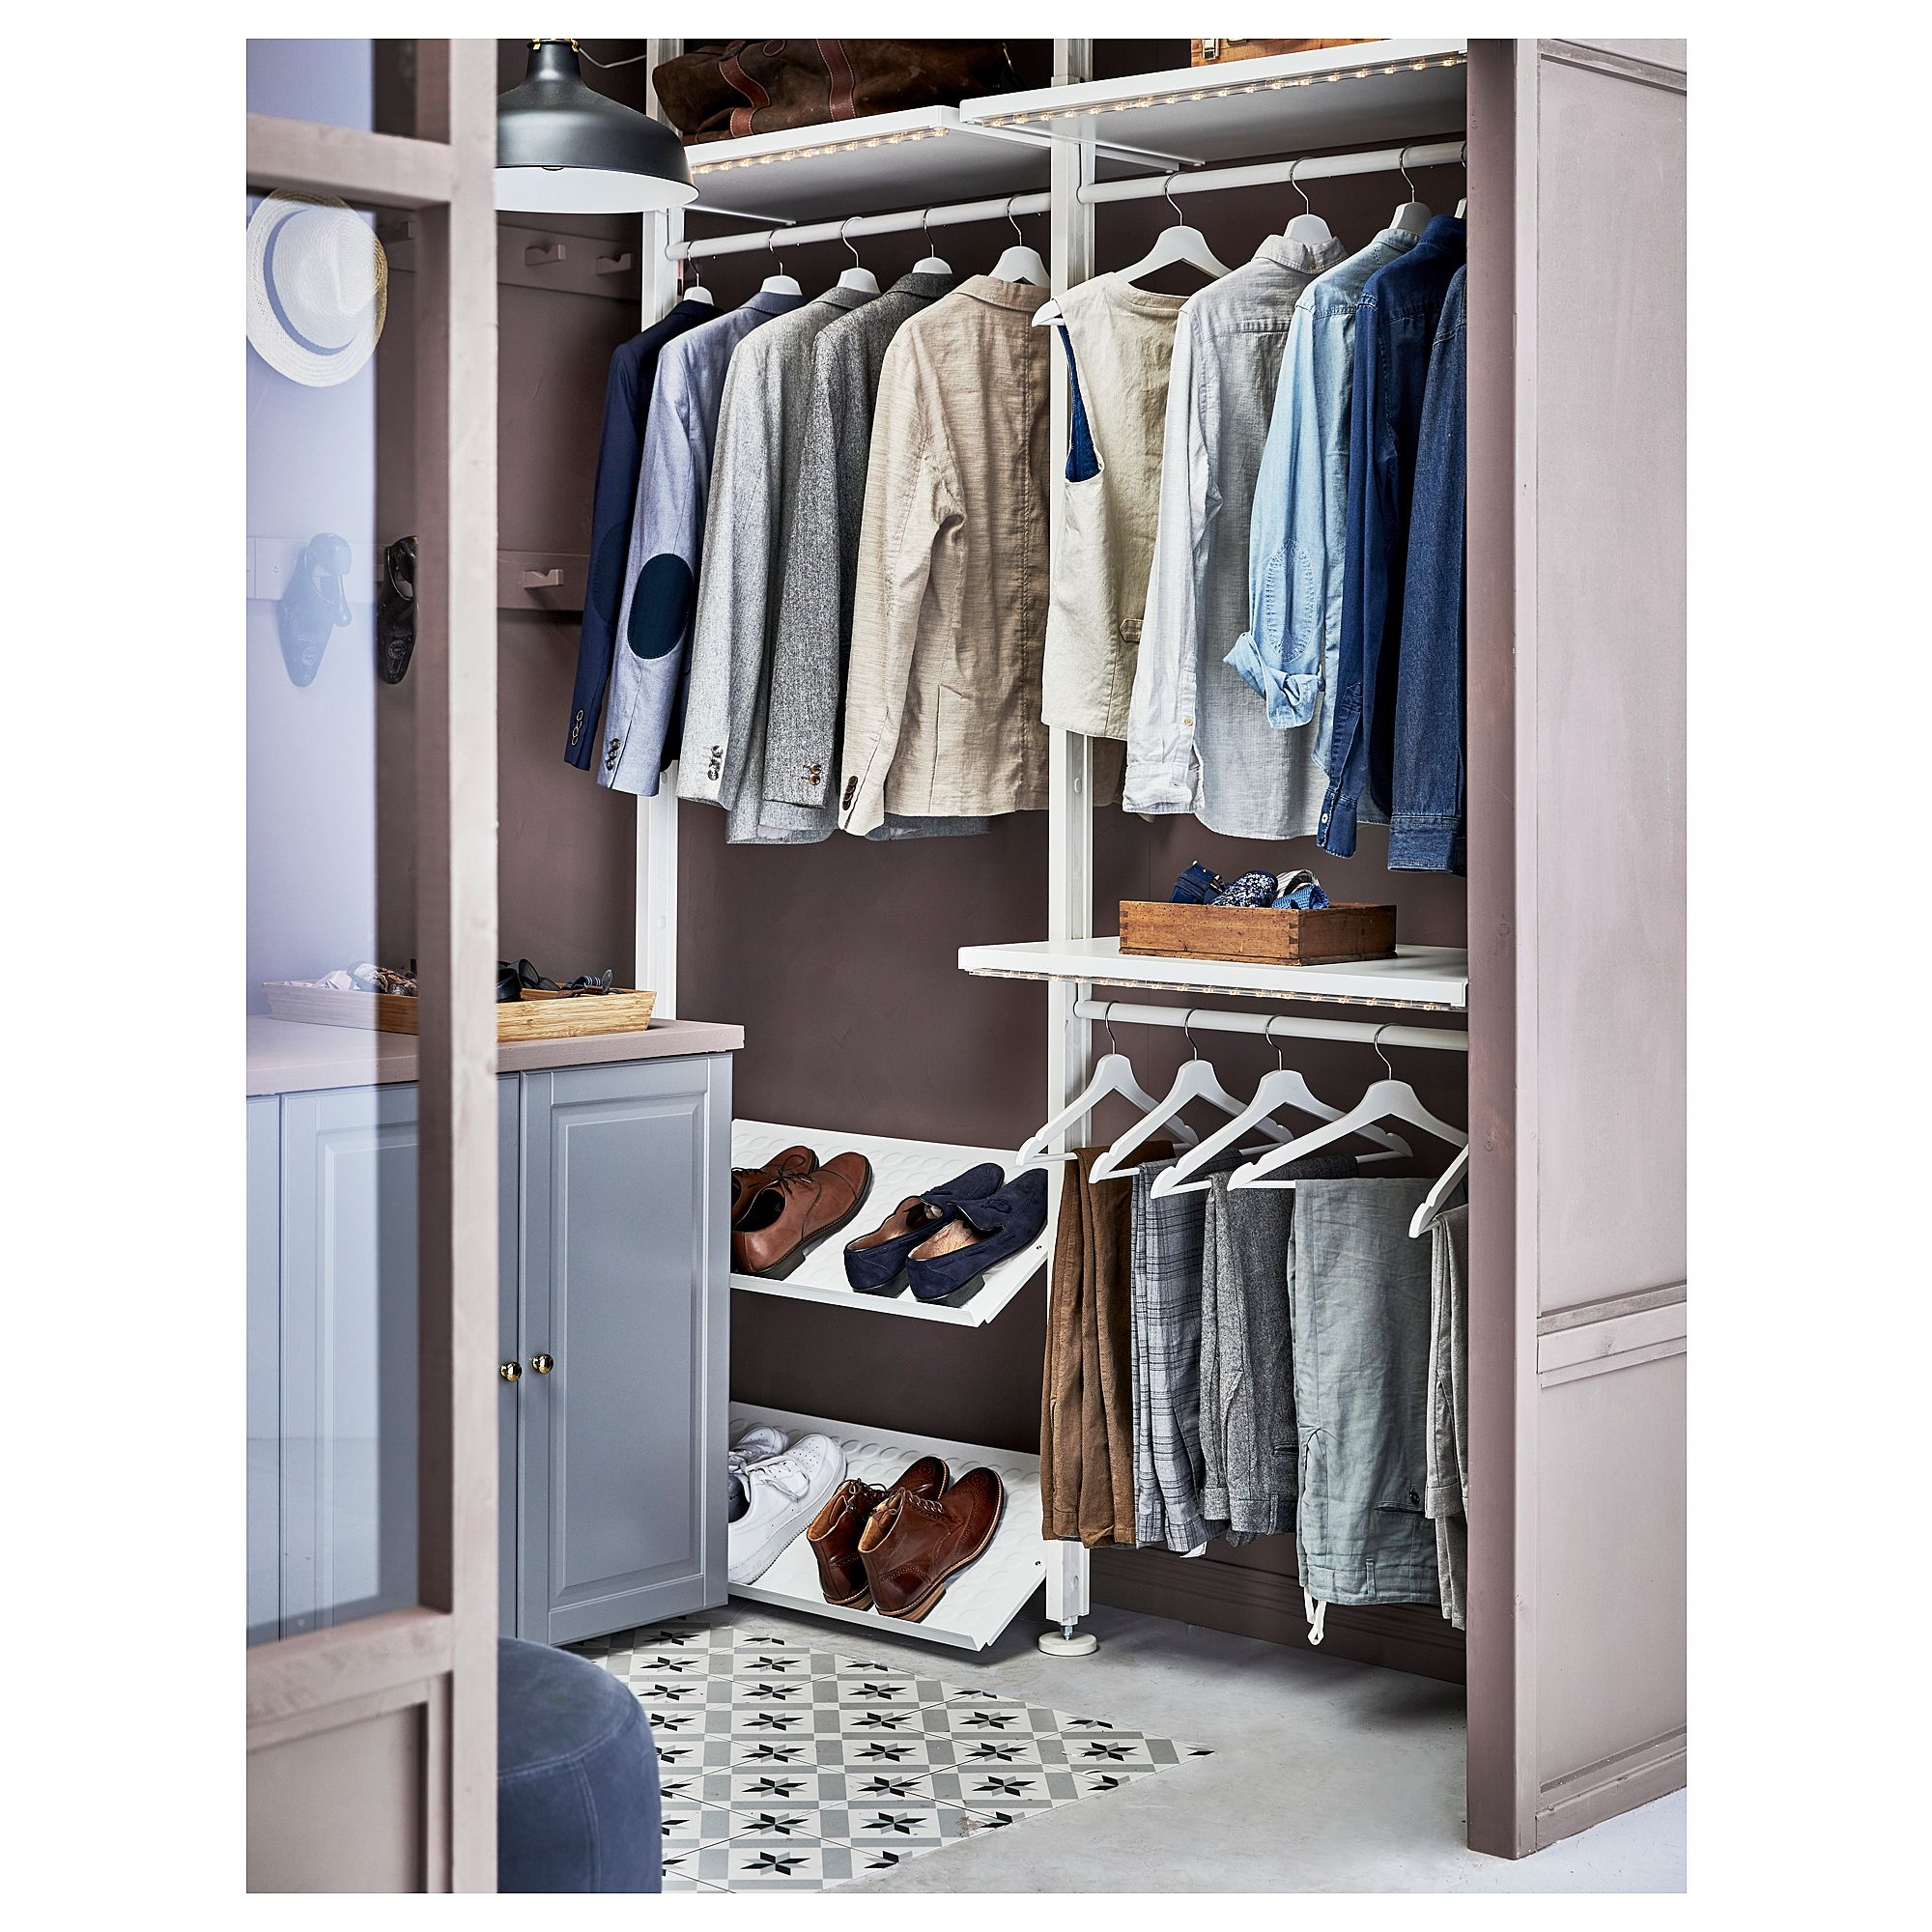 IKEA - ELVARLI 2 section shelving unit white | Products | Pinterest